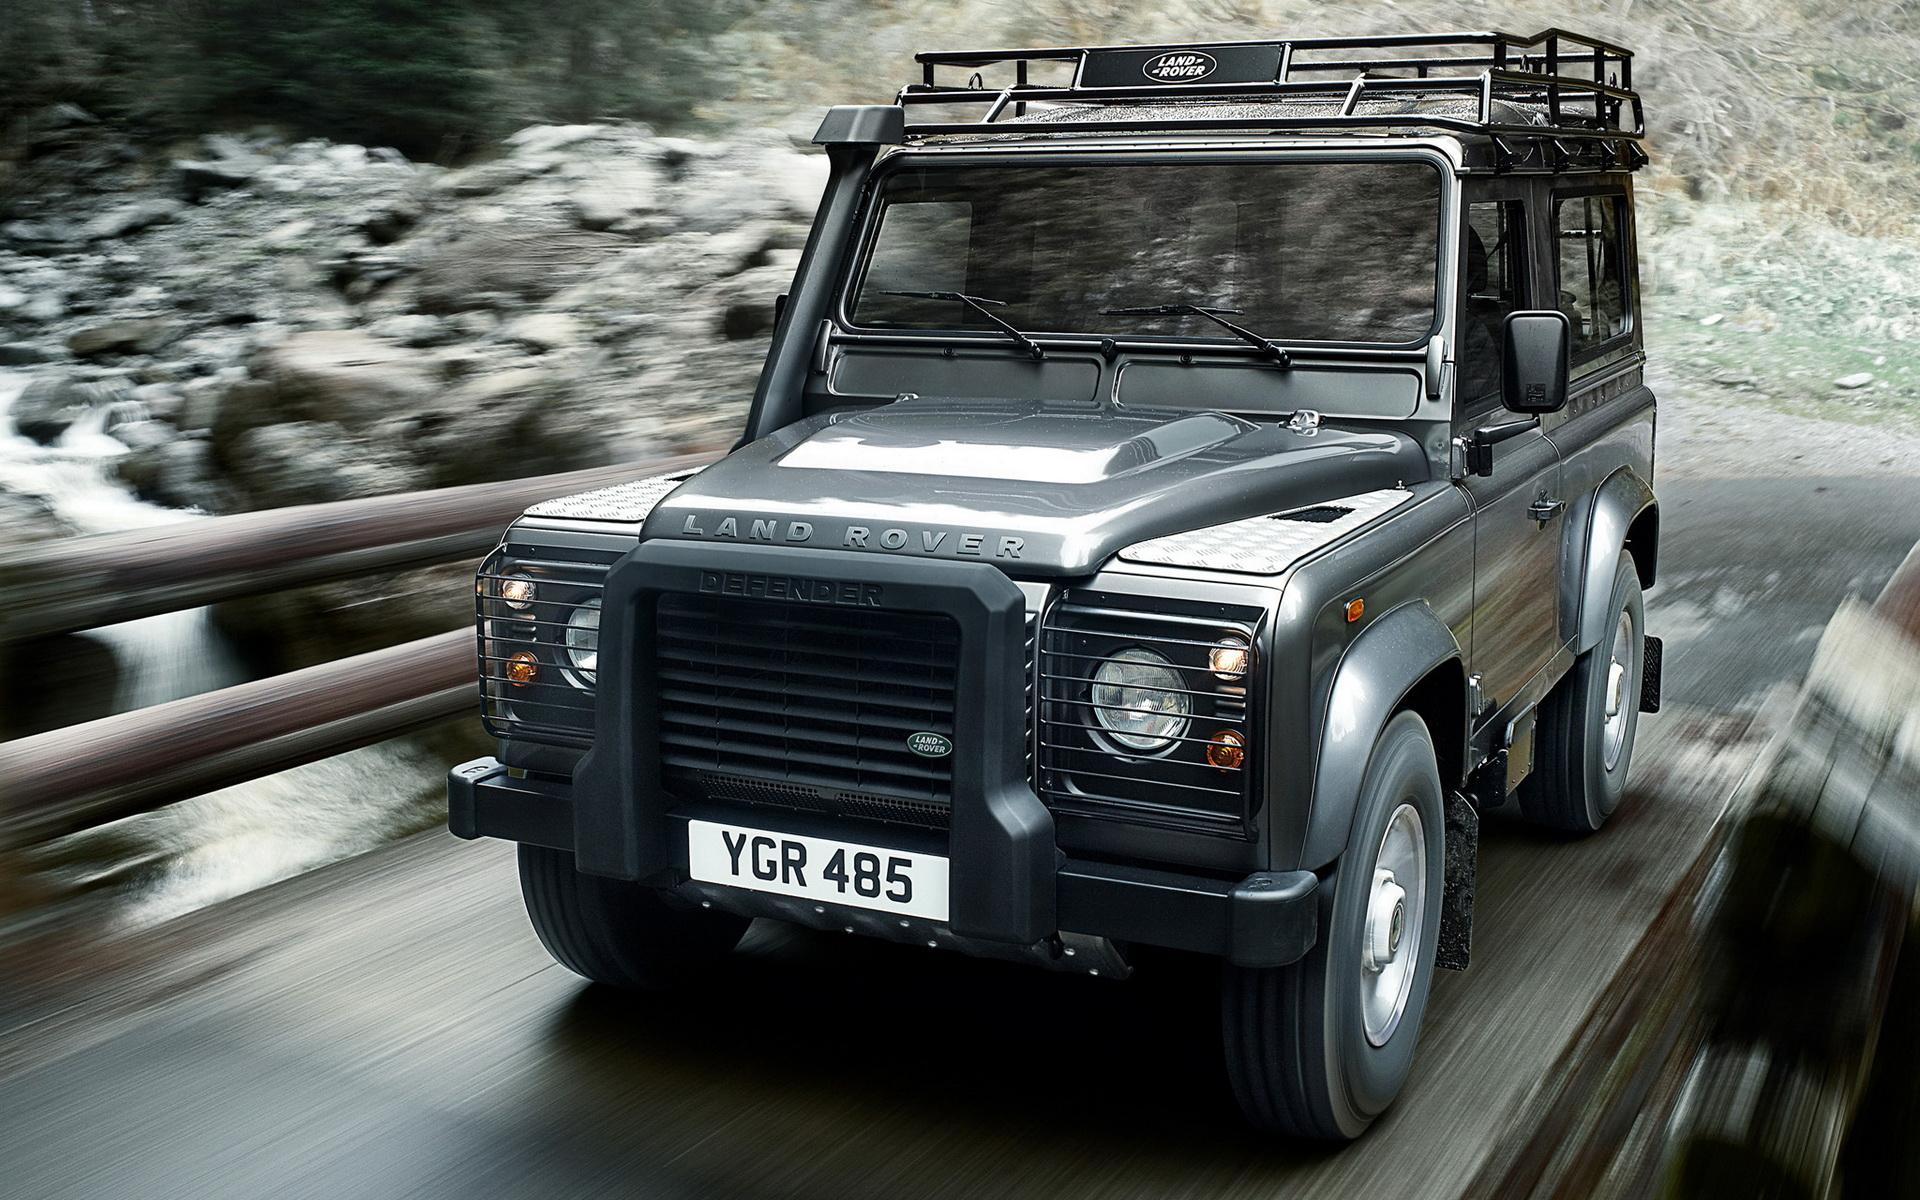 El nuevo Land Rover Defender tendrá versiones off-road y de alto rendimiento 1